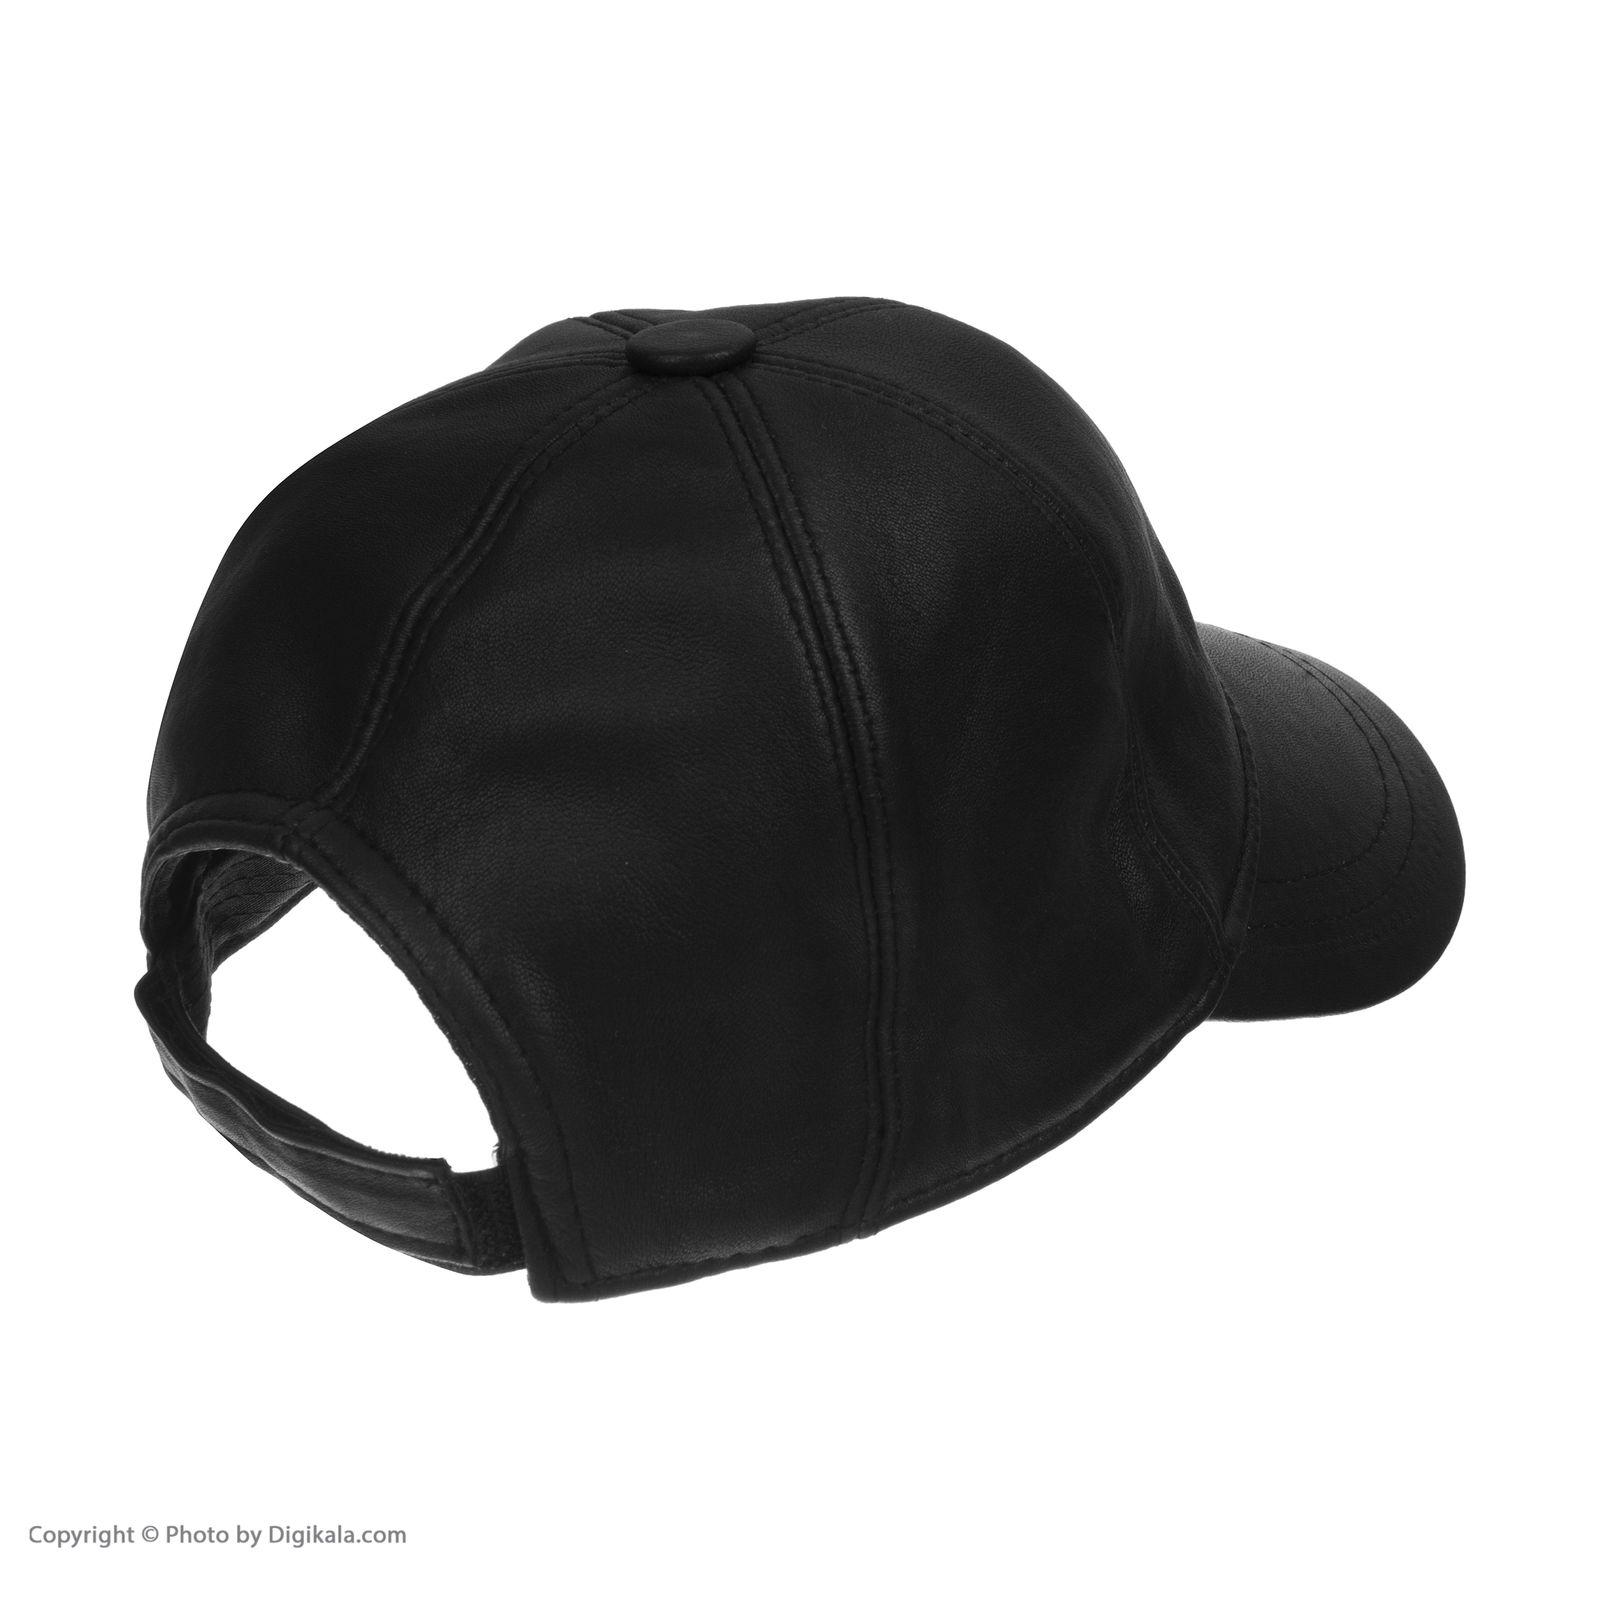 کلاه شیفر مدل 8701A01 - مشکی - 4